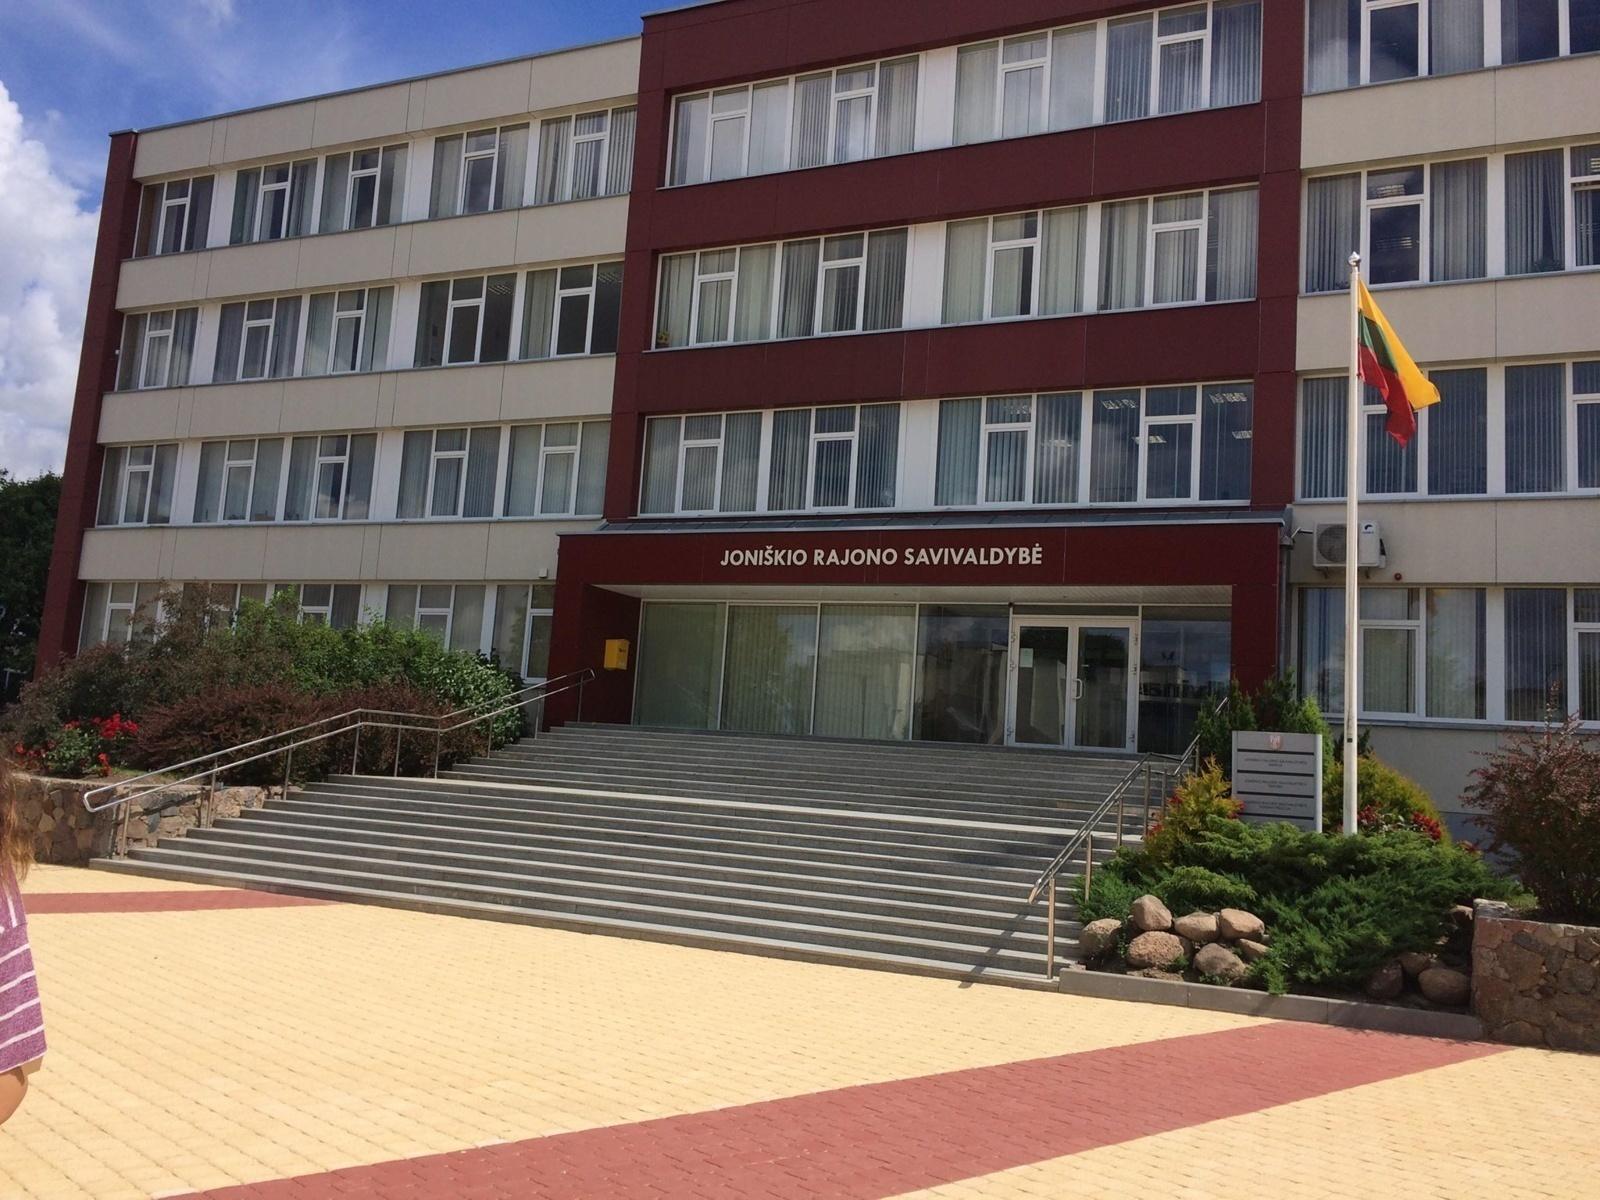 Joniškio mieste bus įgyvendinamas nuotekų tinklų tiesimo ir prijungimo projektas